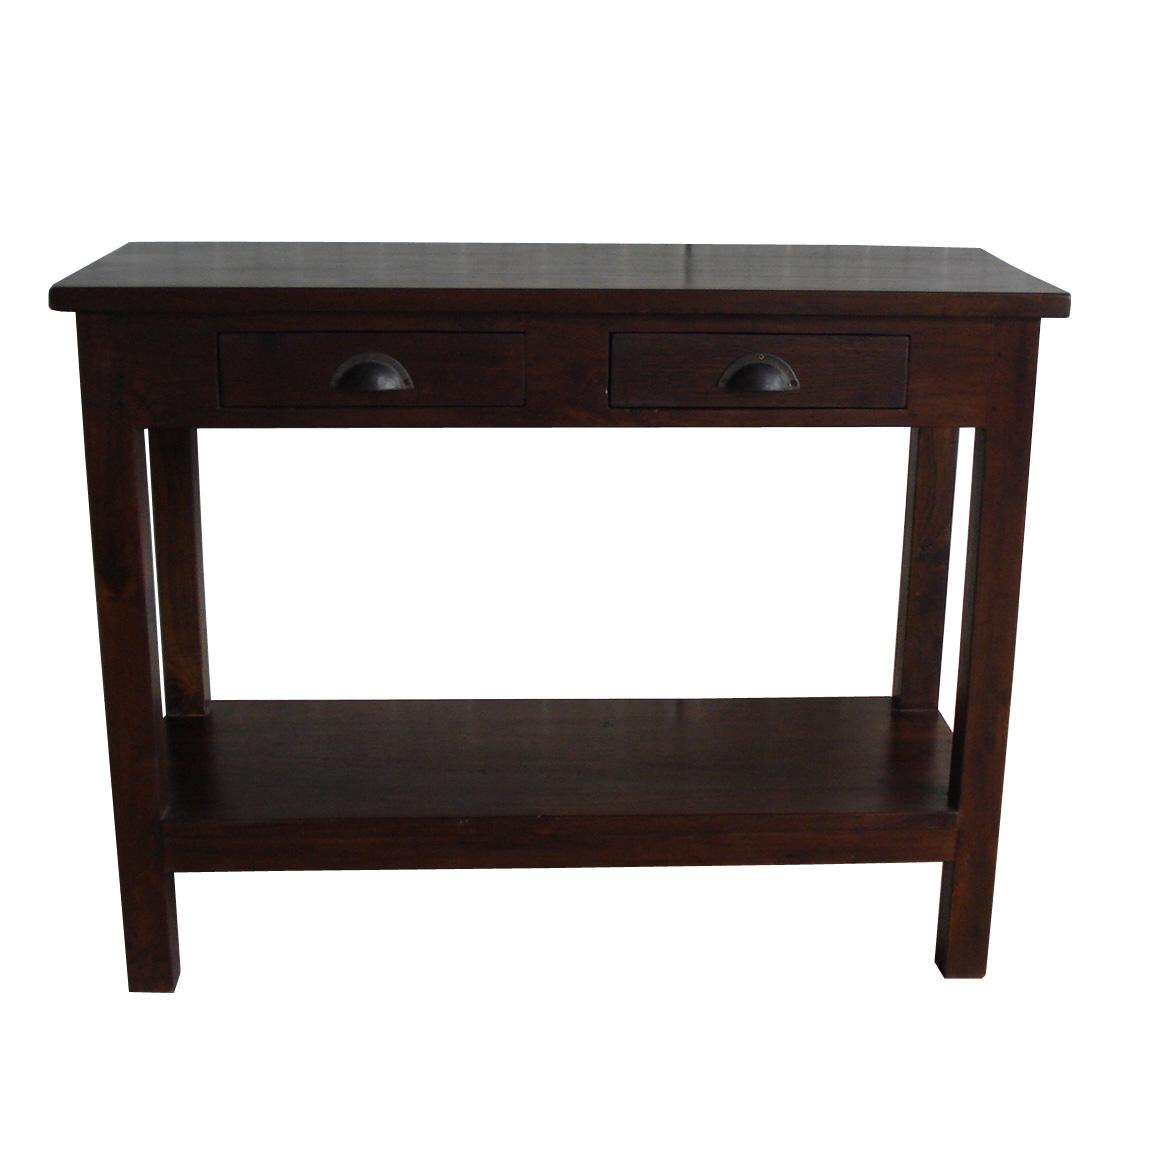 Sidetable Met Lades.Koloniale Side Table Met Onderplank En 2 Lades